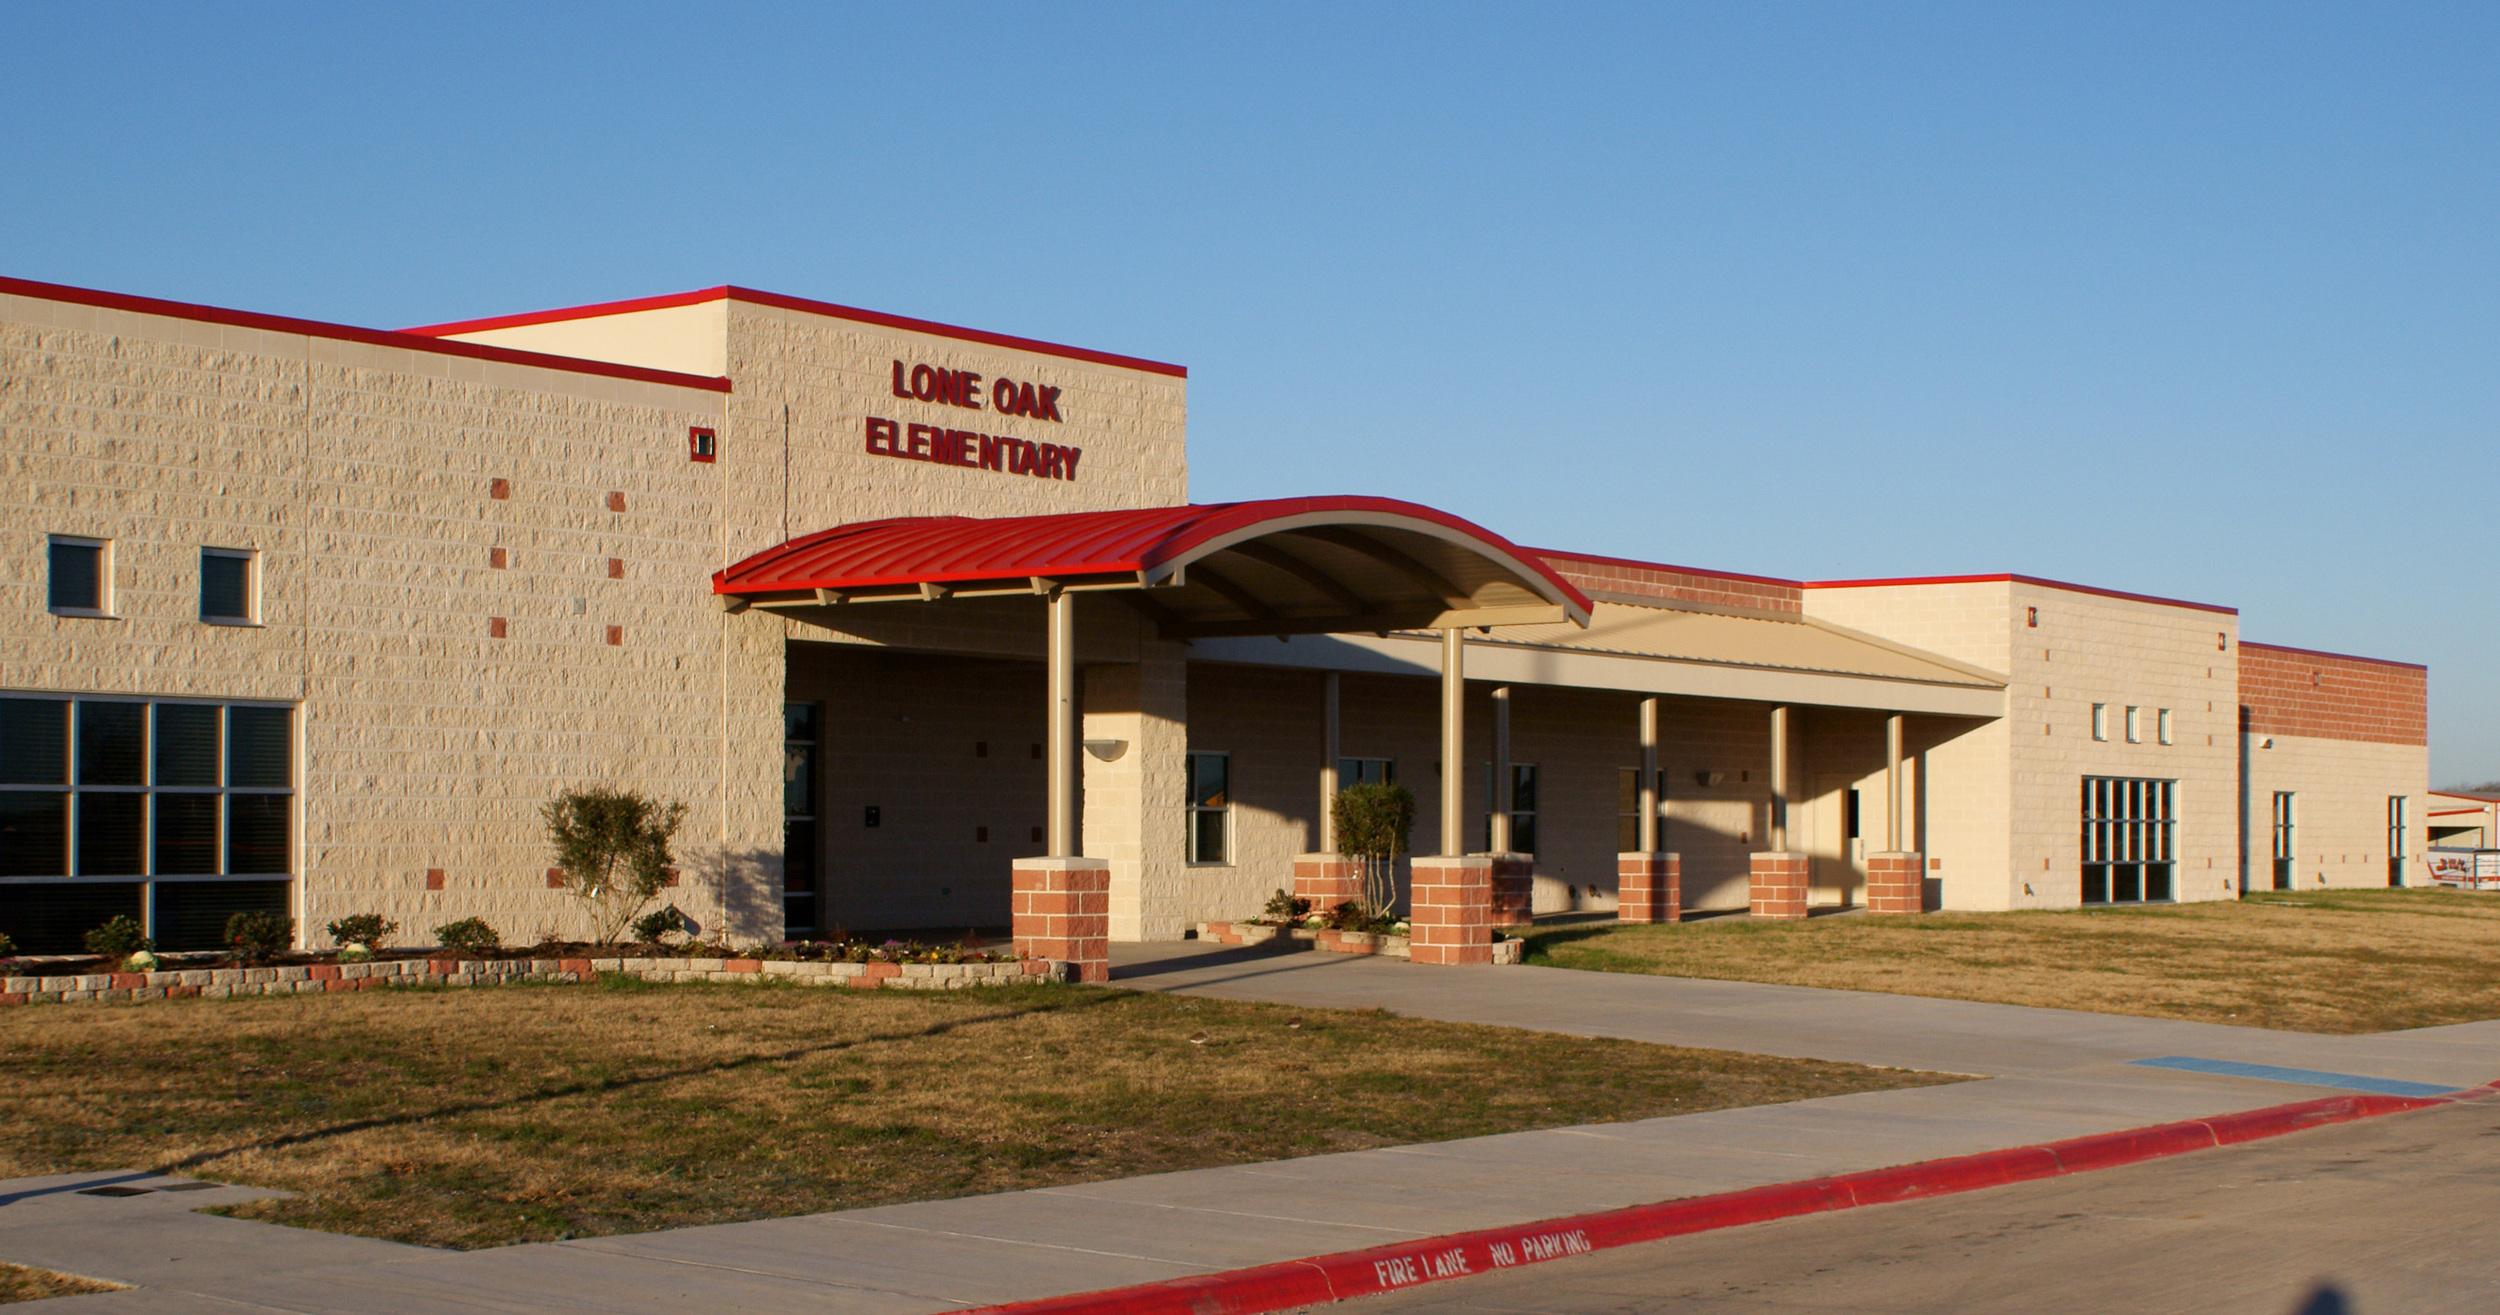 Lone Oak Elementary